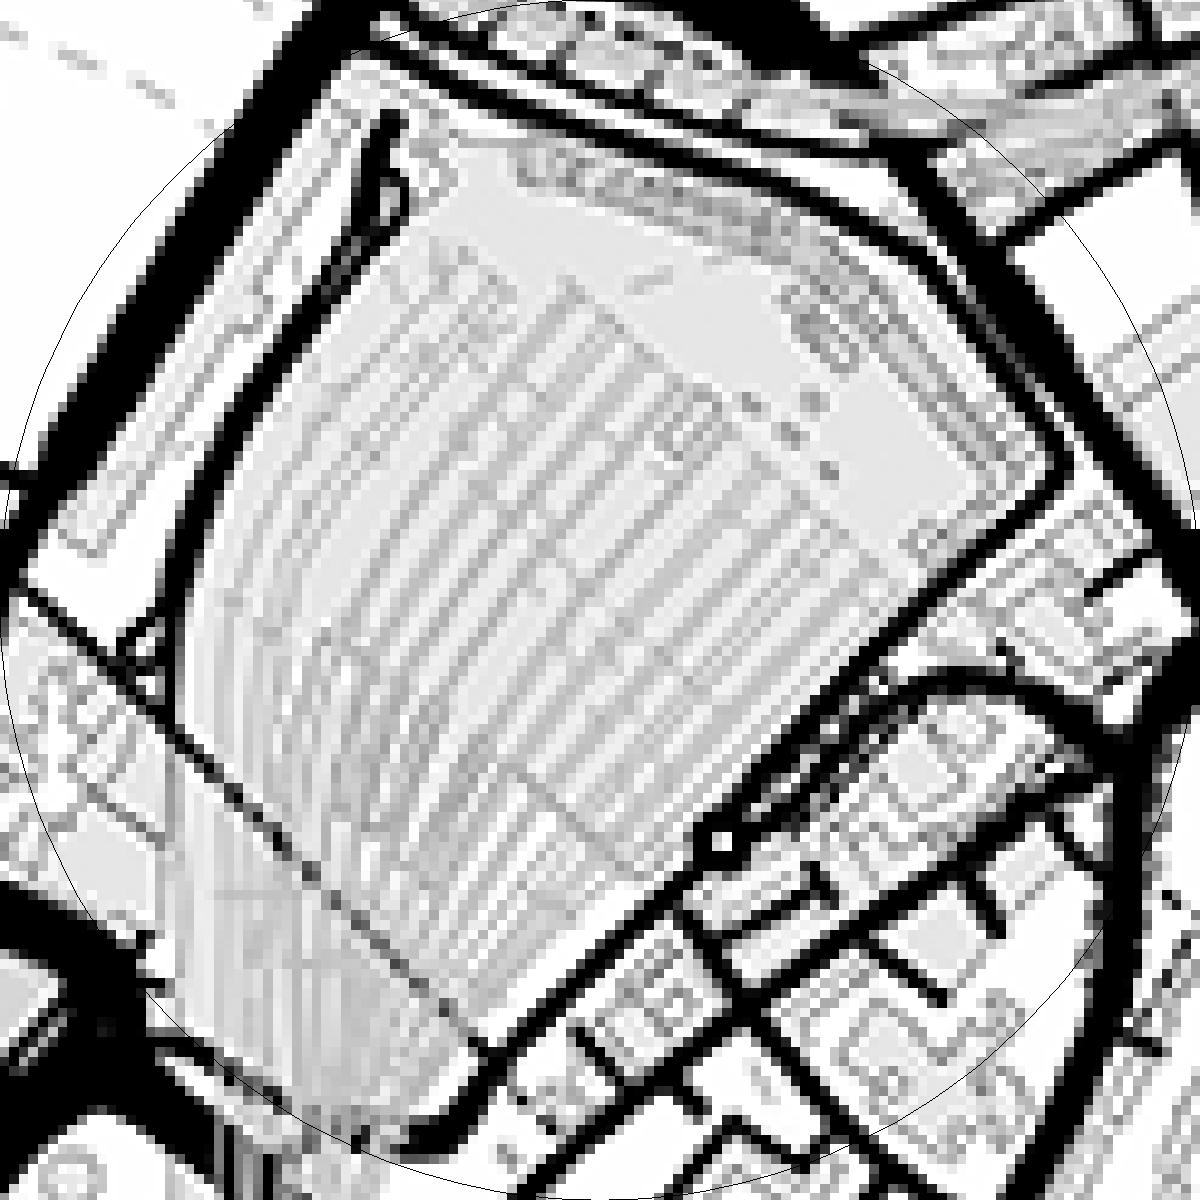 Entdecke die Details in Unseren Städtepostern Mapify